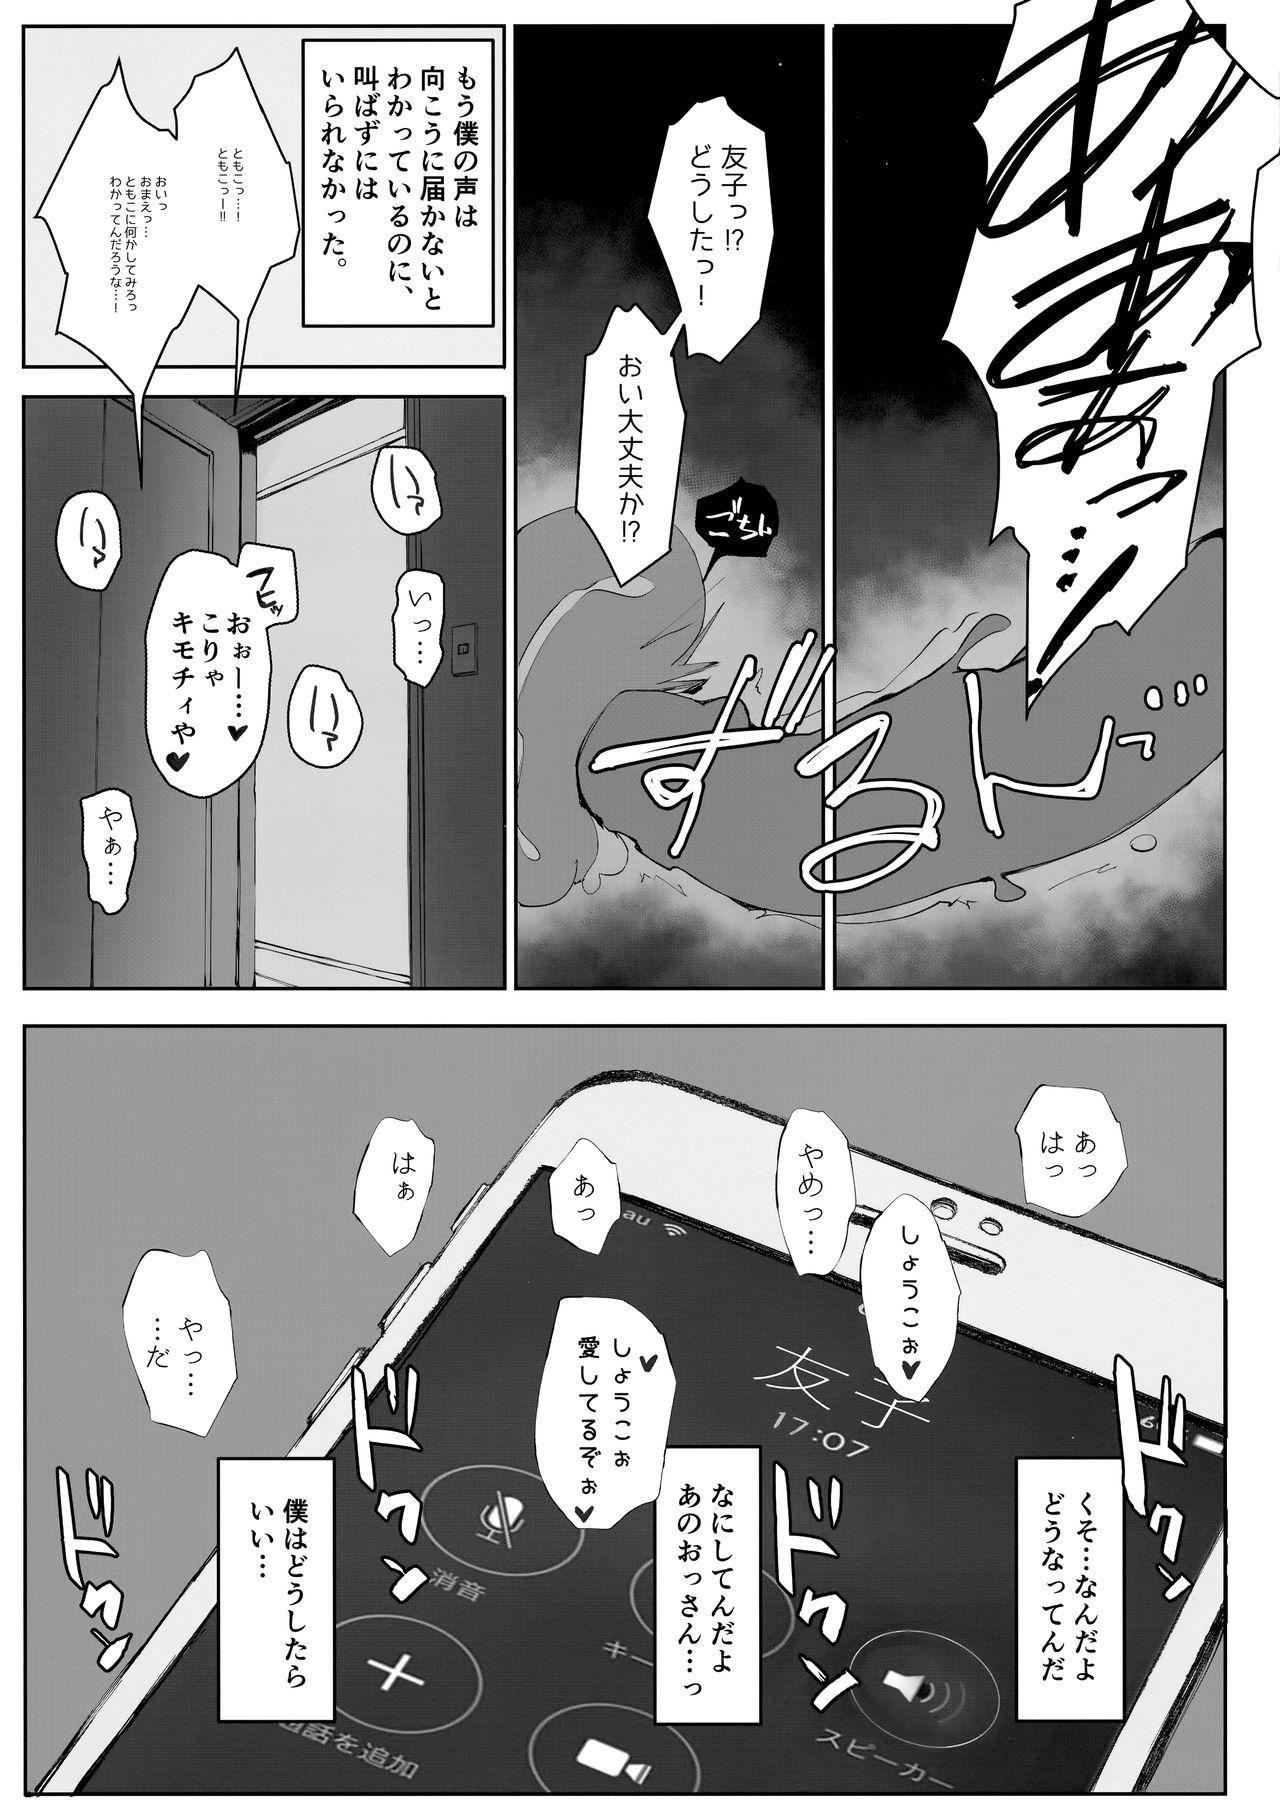 Tsuma no Imouto no Danna ga Ie ni Kiteiruyoudesu. 6